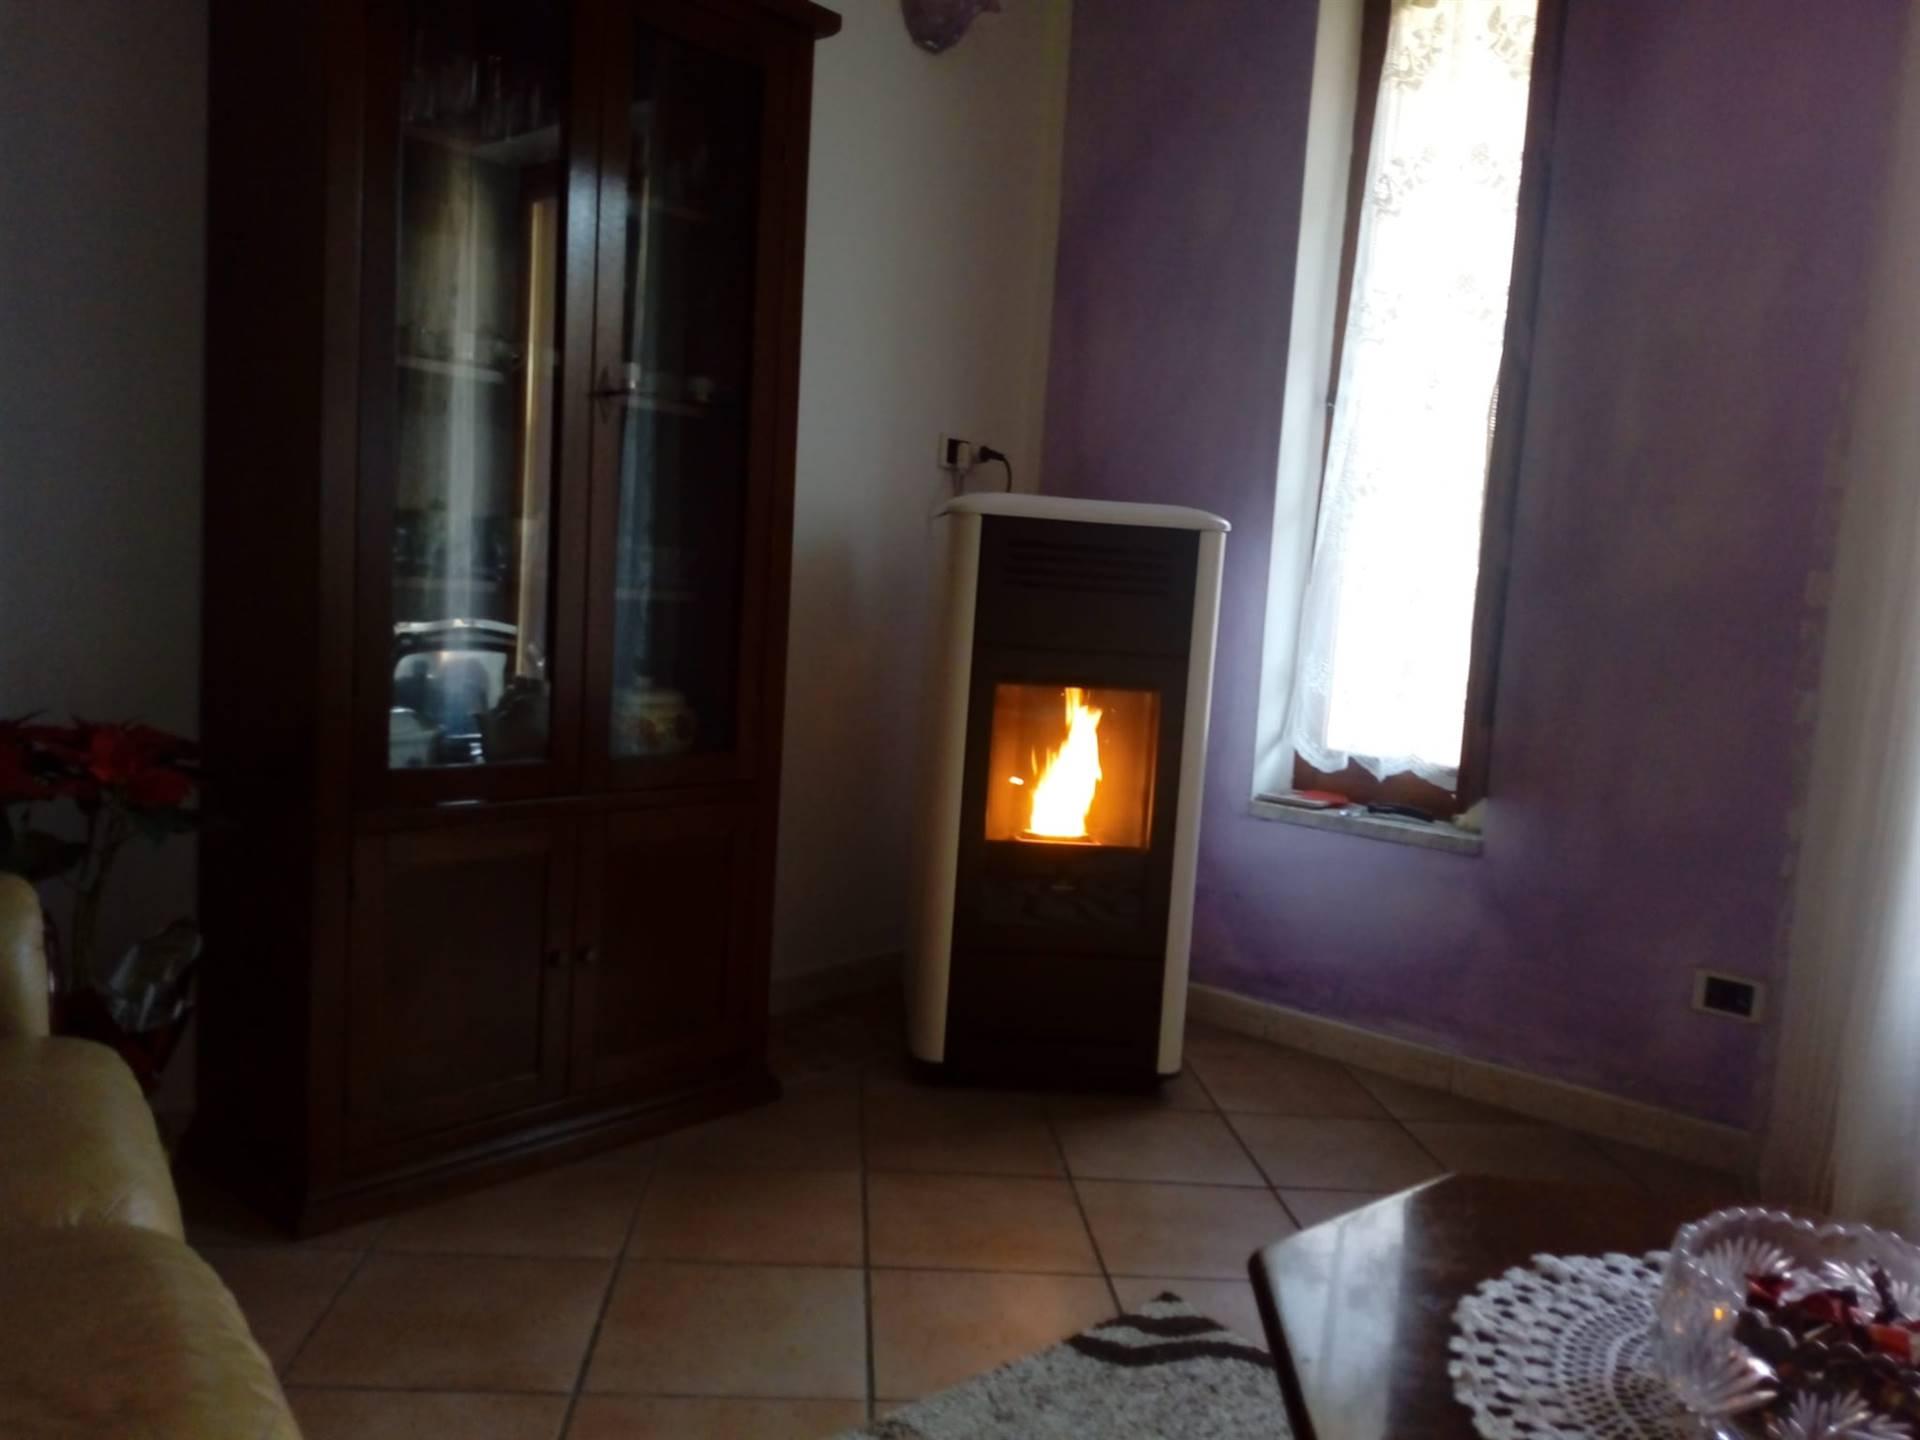 Appartamento in vendita a Salento, 3 locali, zona na, prezzo € 89.000 | PortaleAgenzieImmobiliari.it